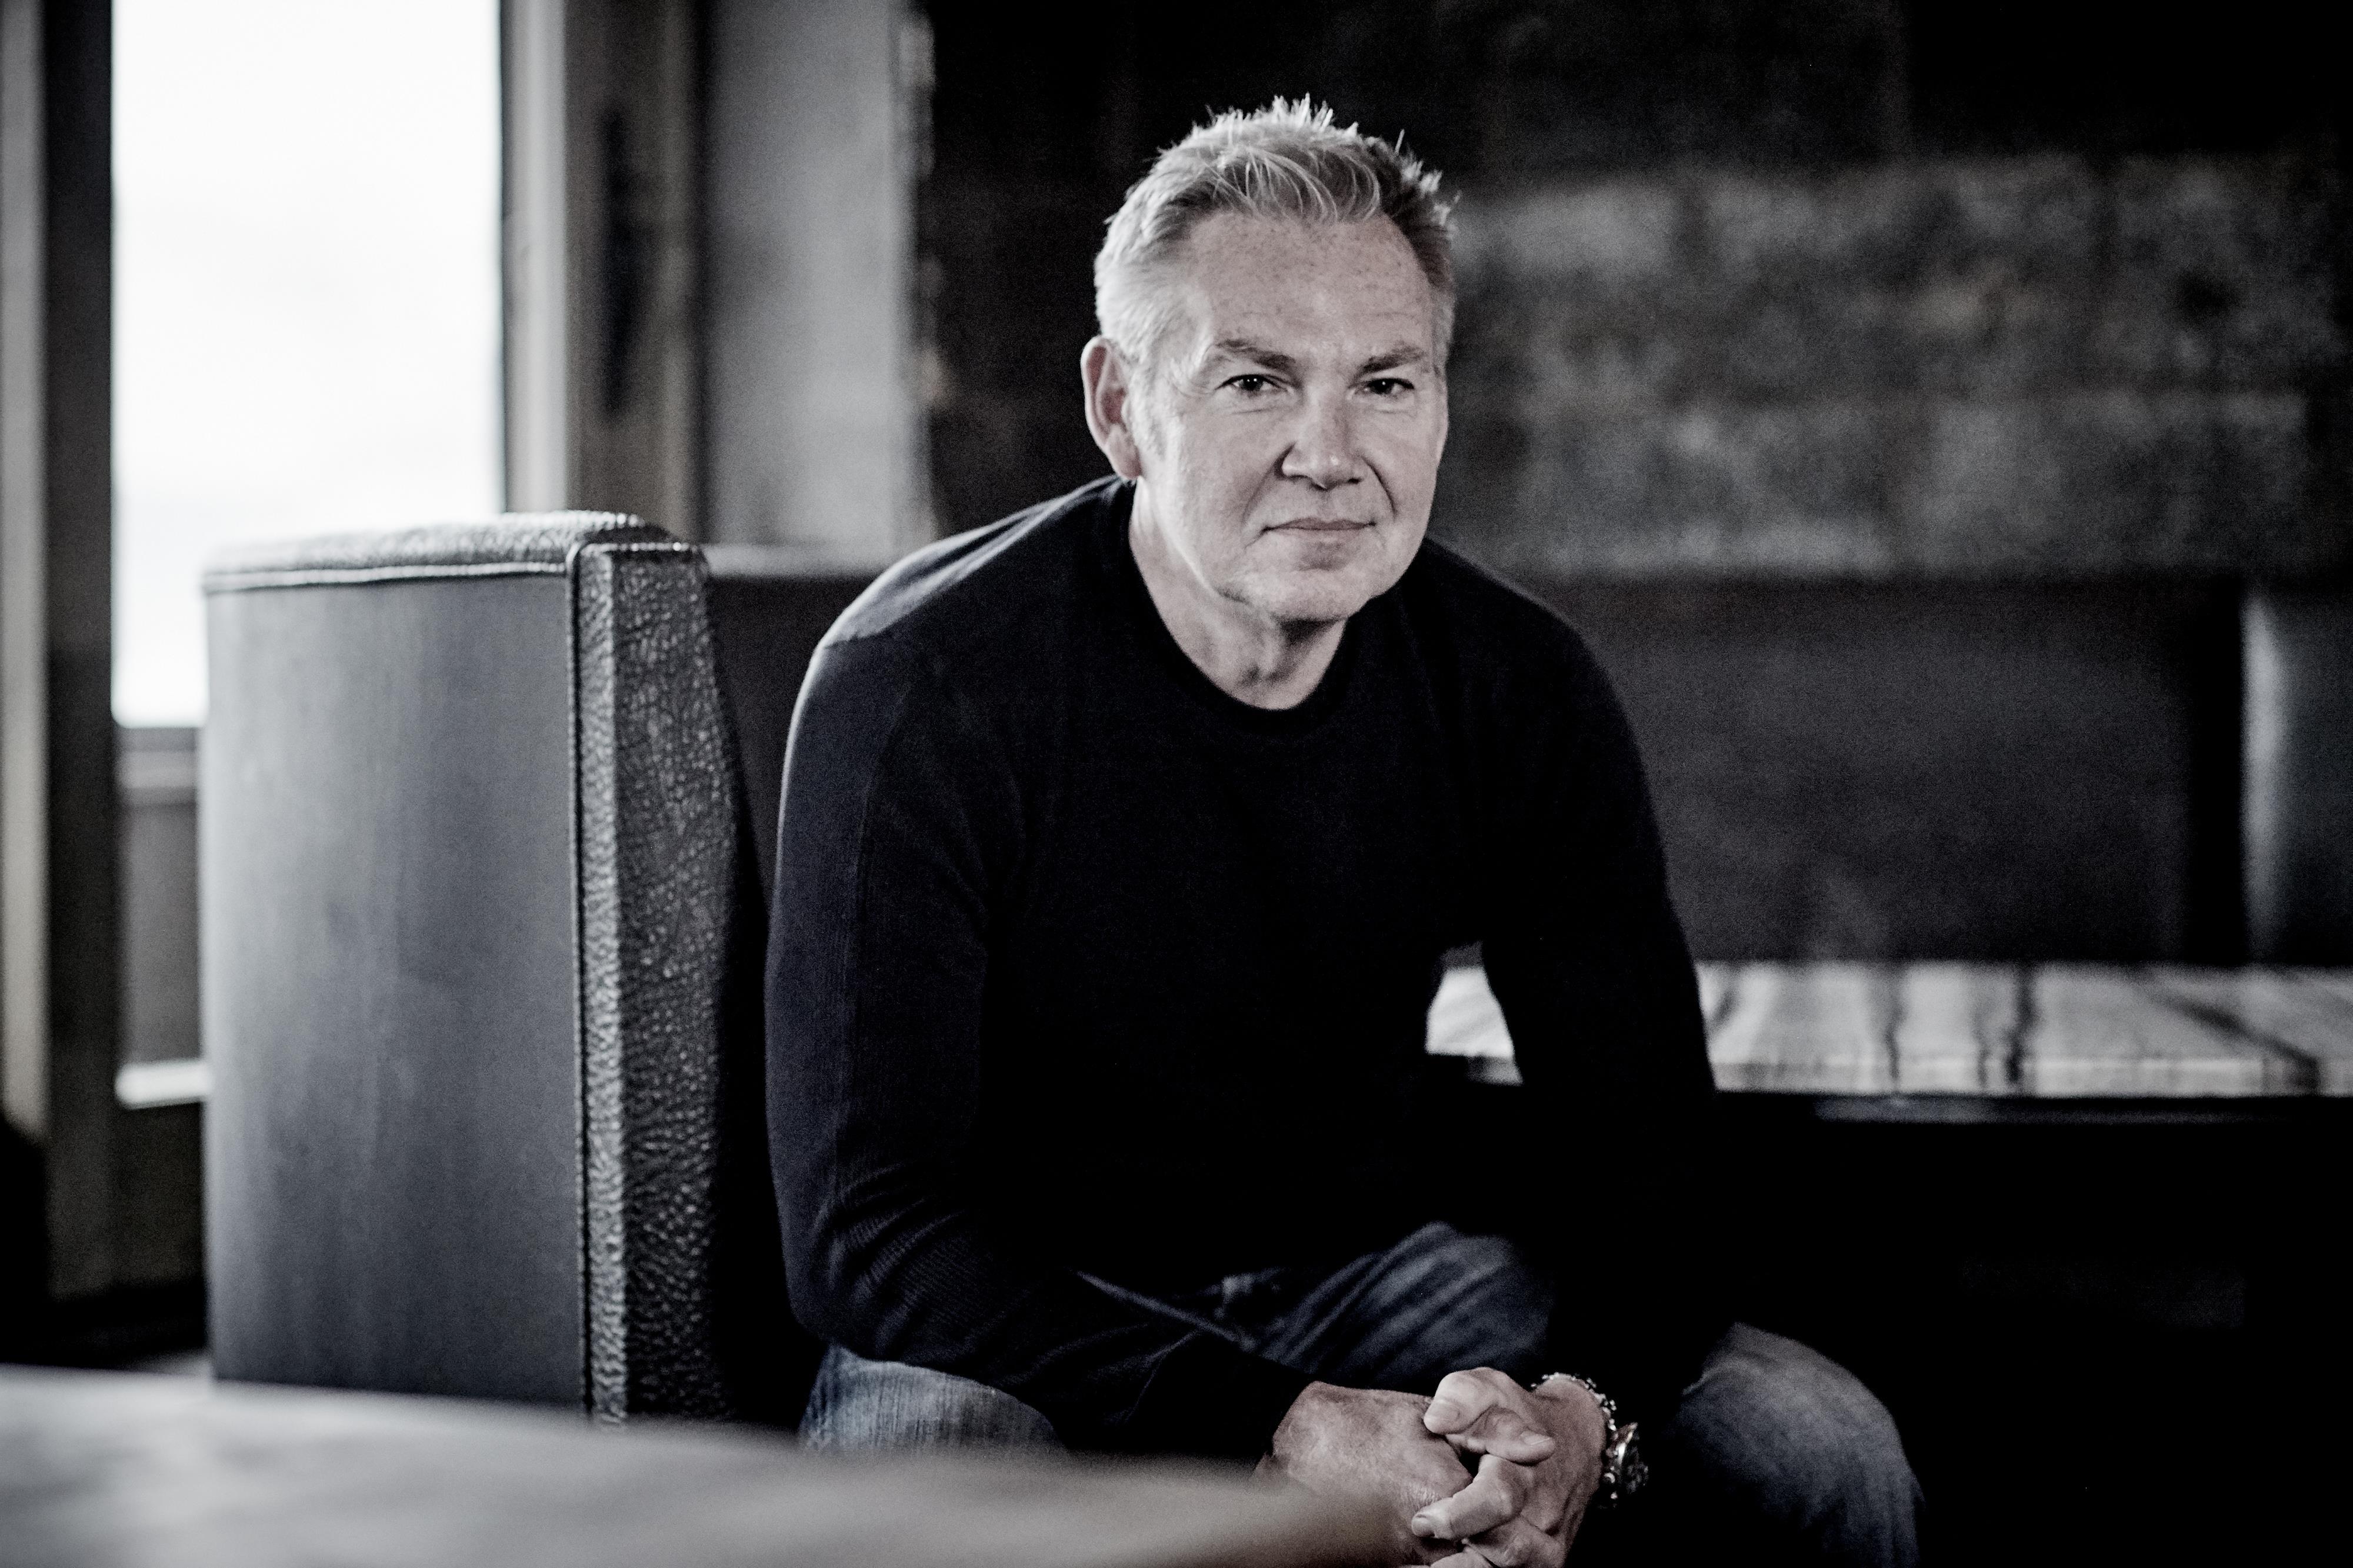 Mark Simon